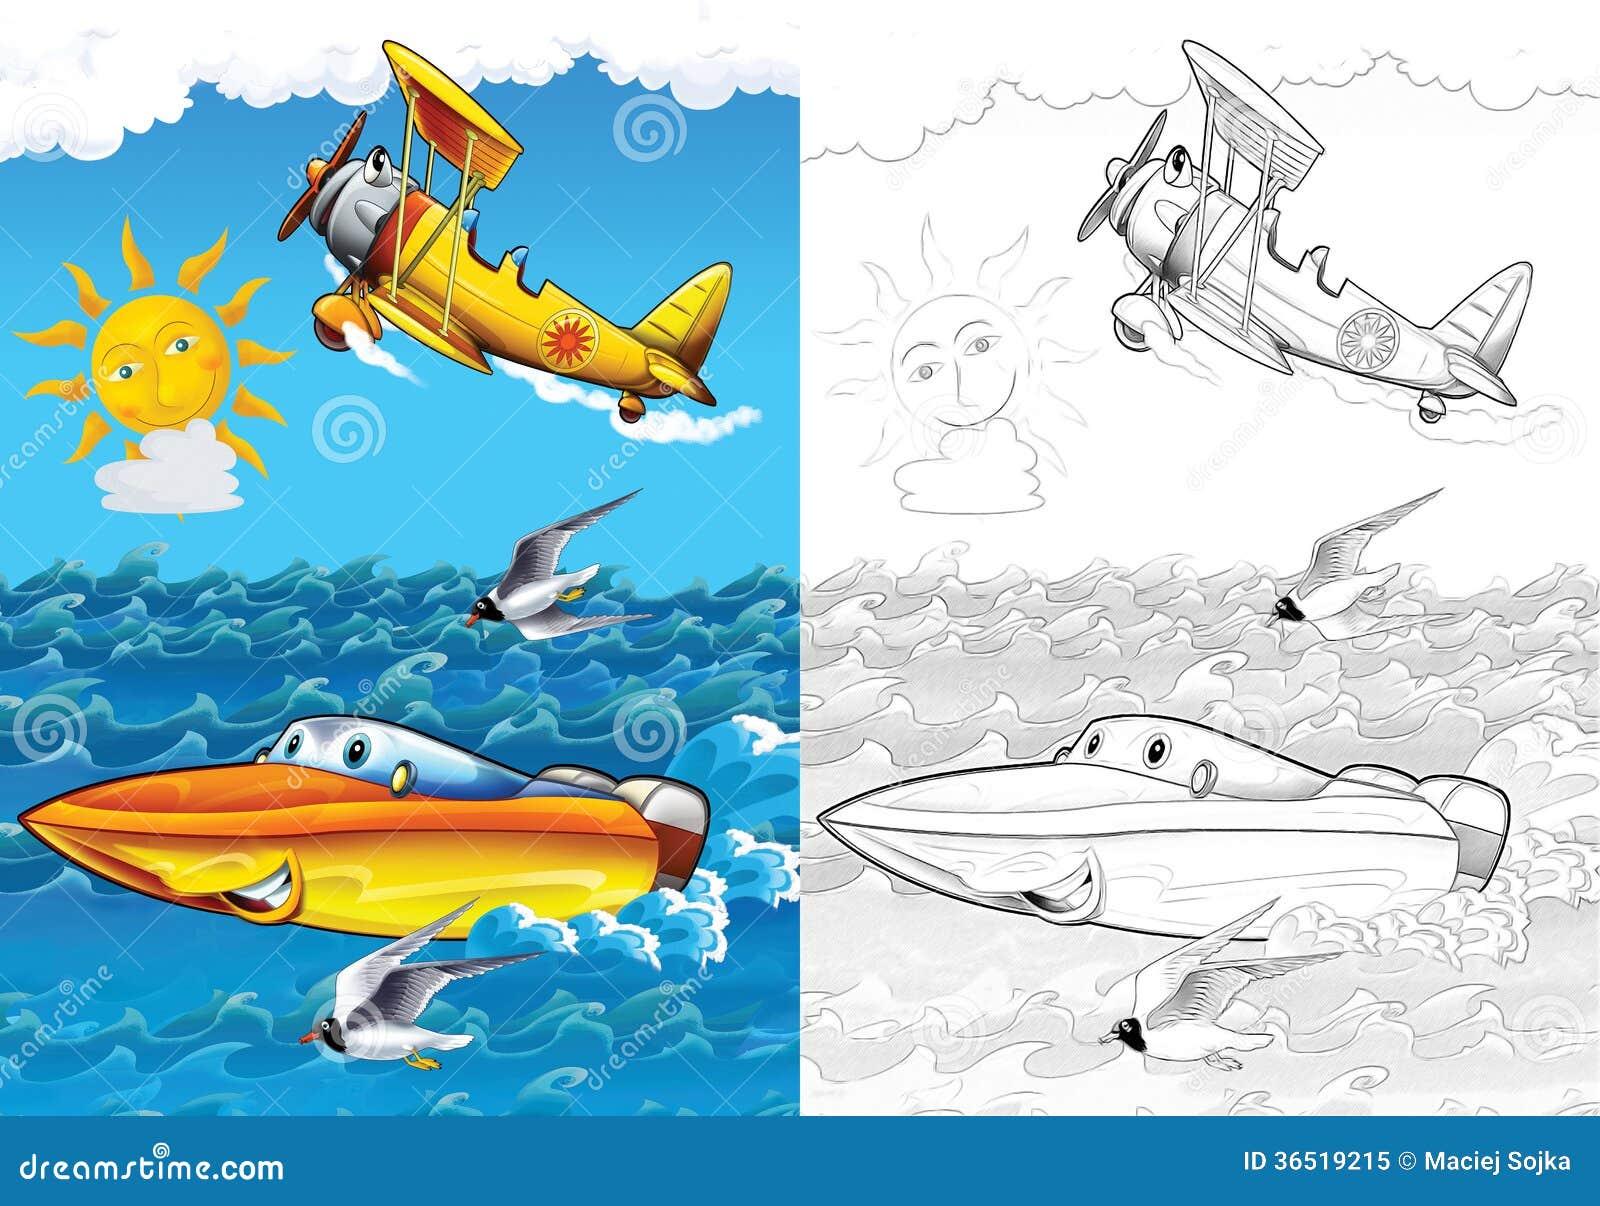 Véhicule de bande dessinée - page de coloration avec la prévision